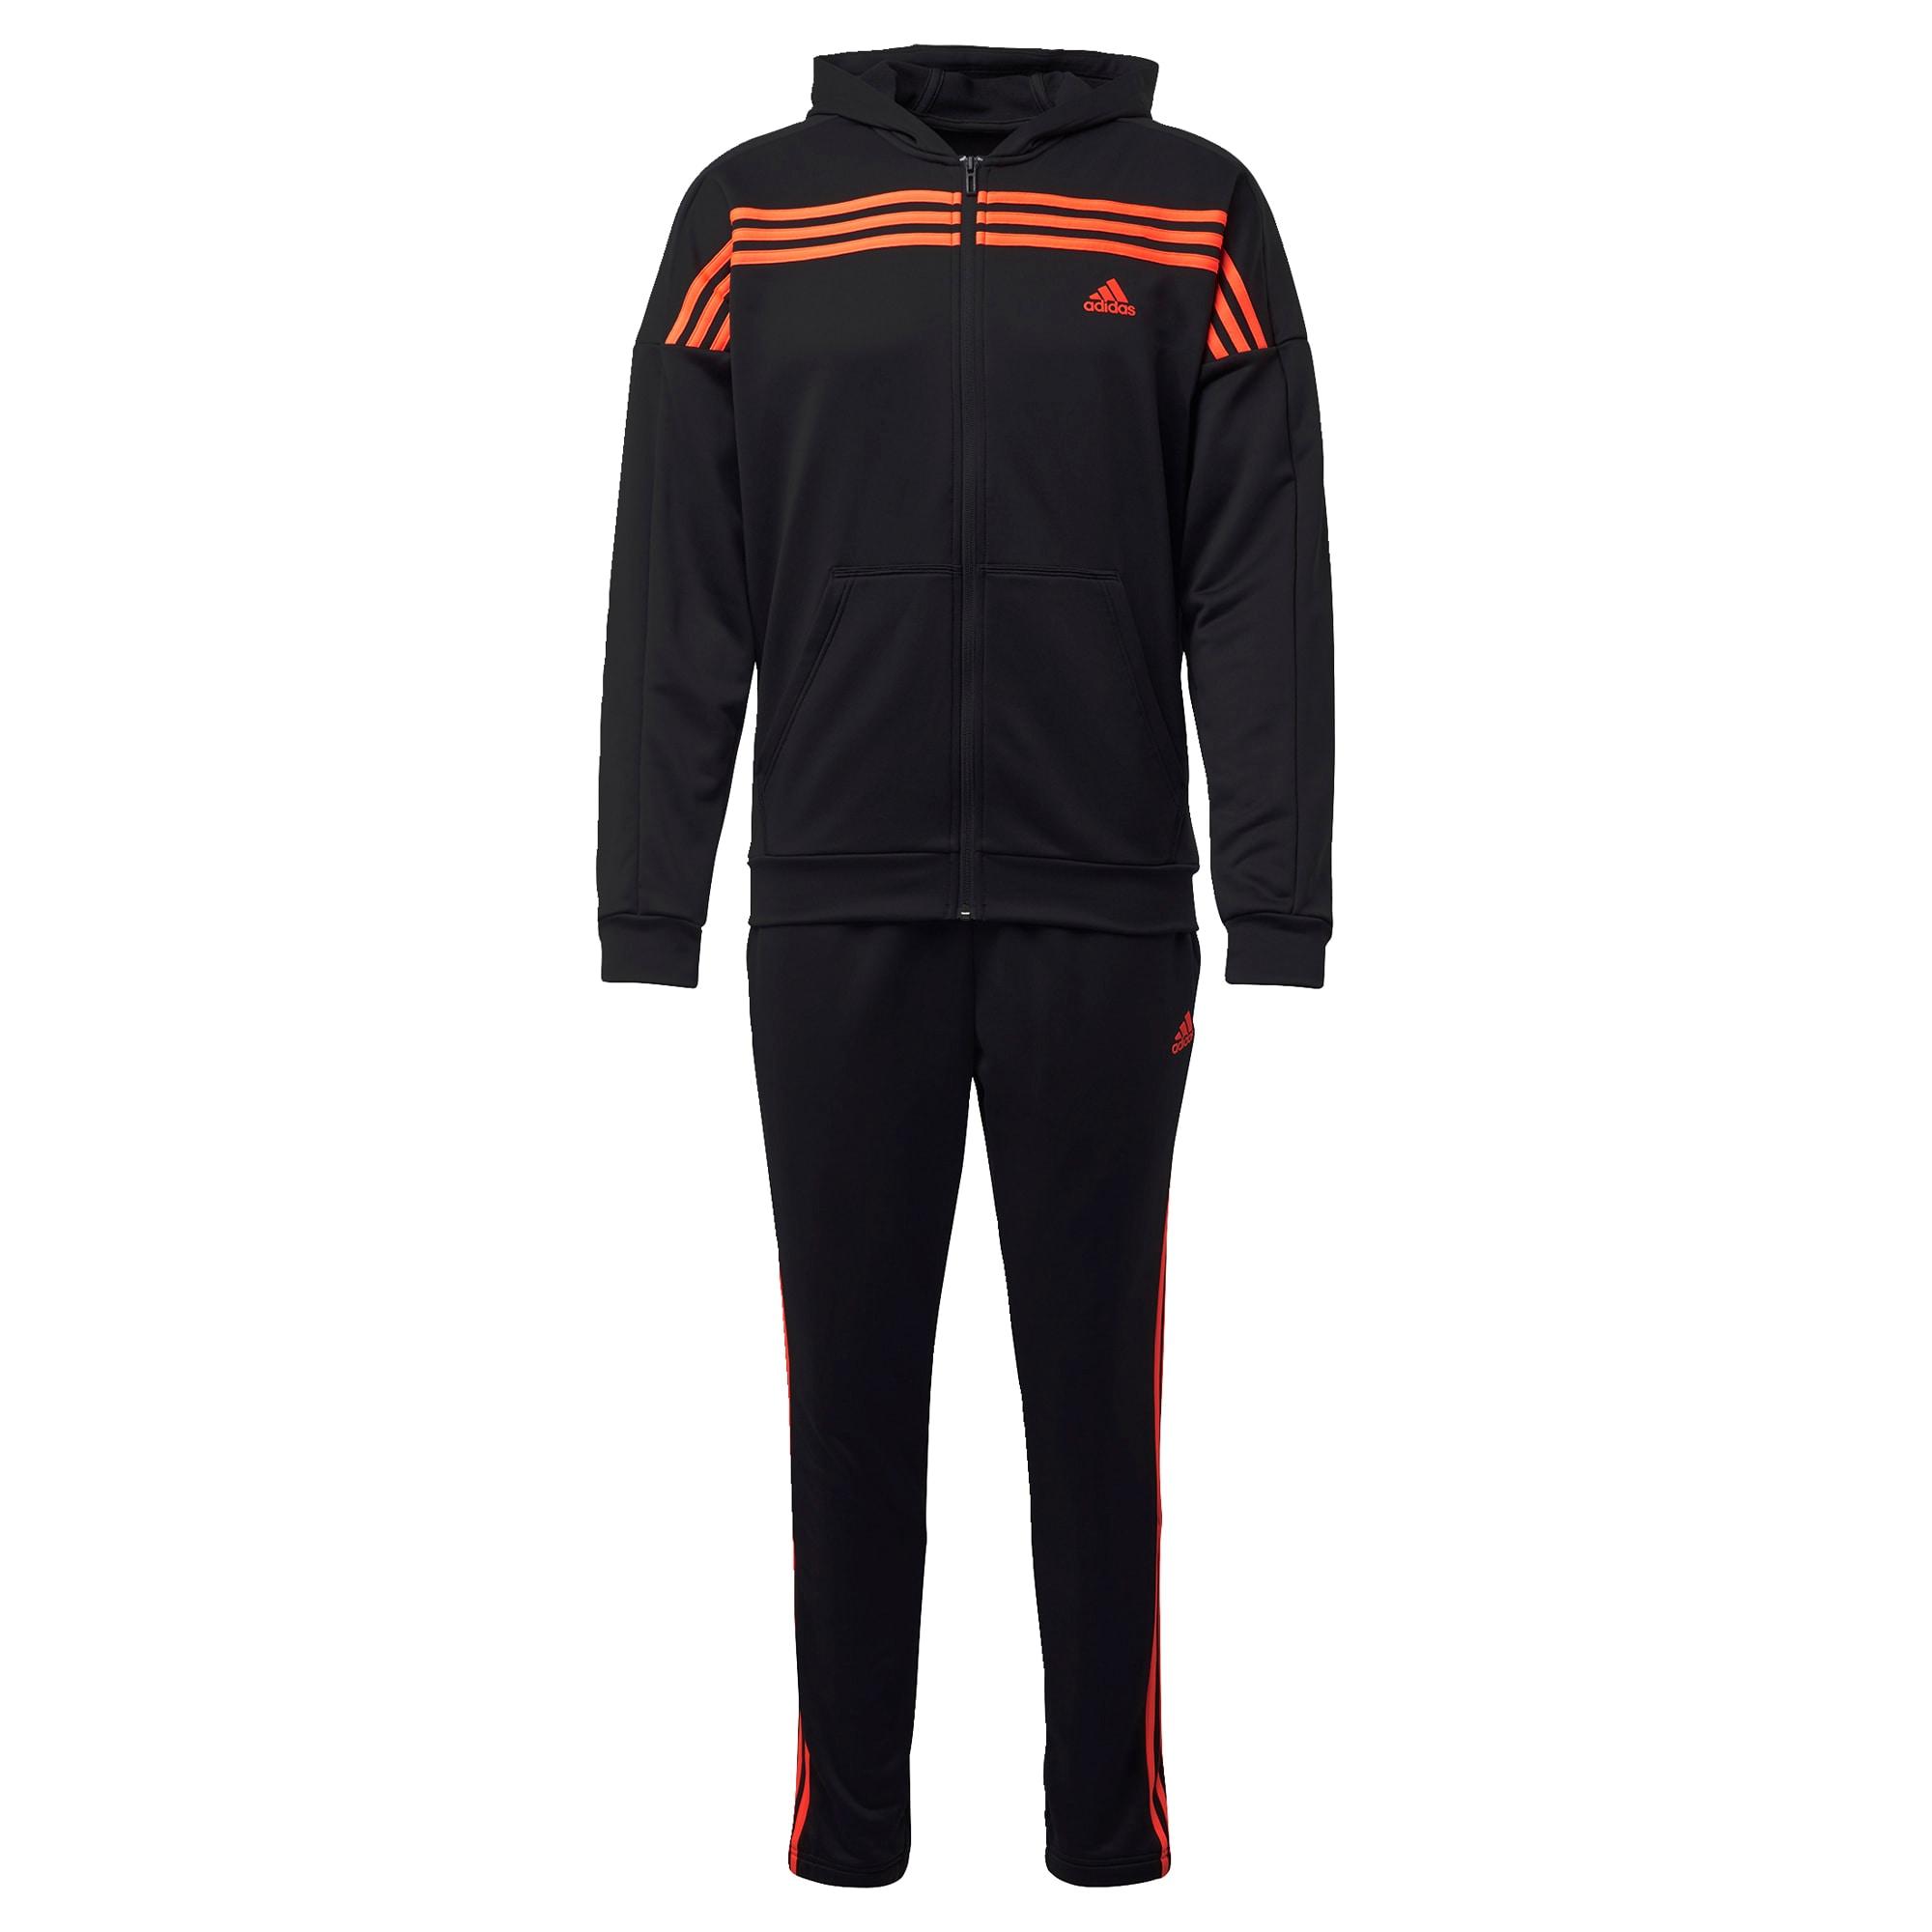 ADIDAS PERFORMANCE Treniruočių kostiumas juoda / tamsiai oranžinė